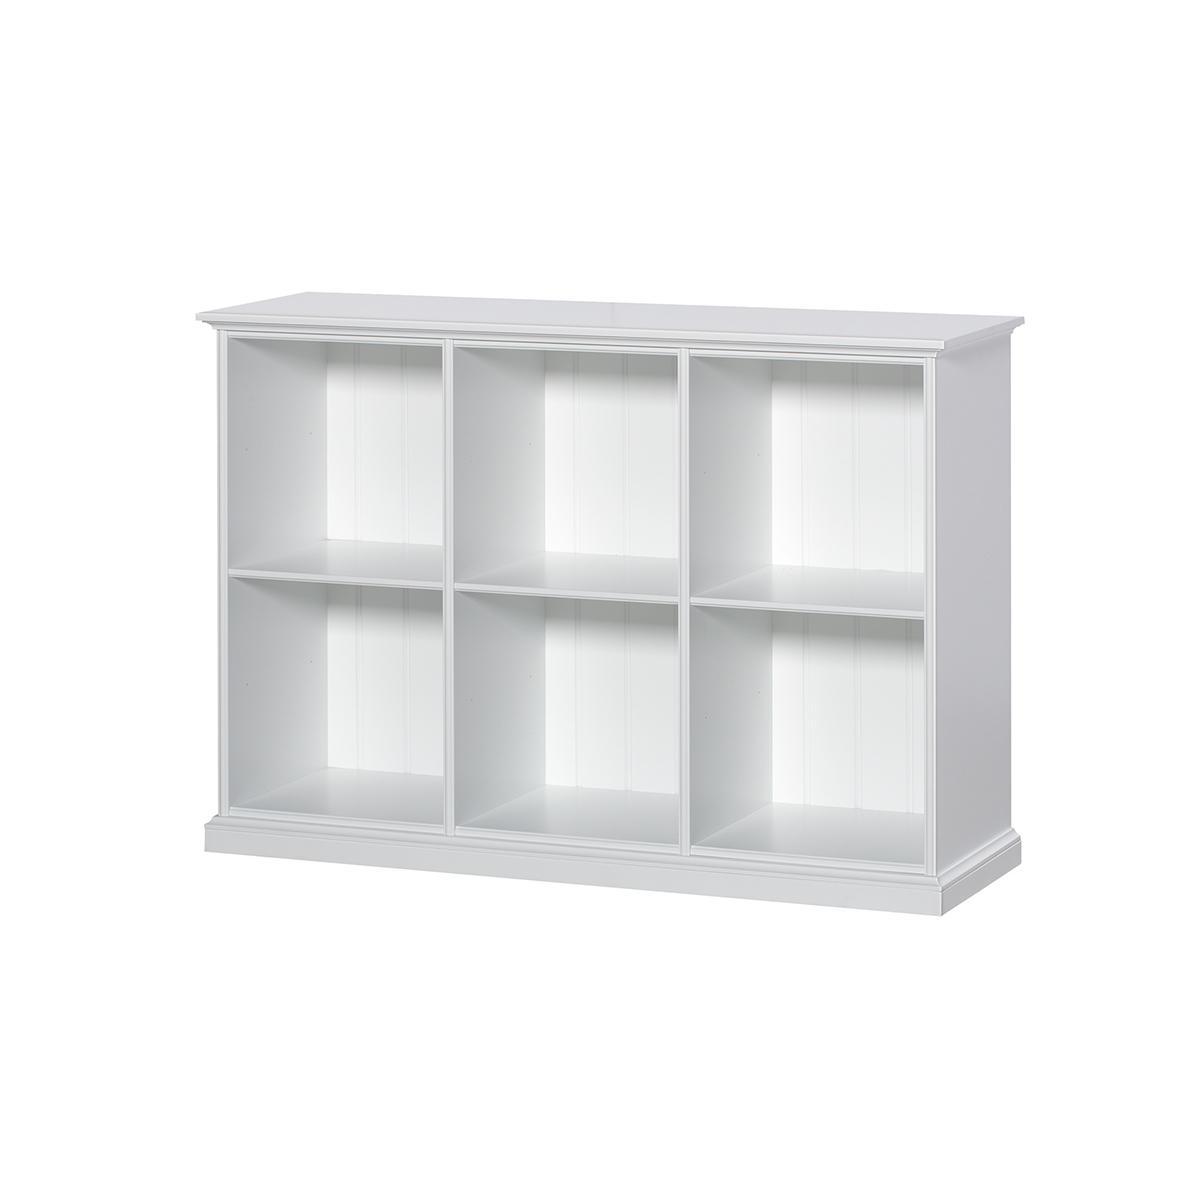 Estantería 6 compartimentos SEASIDE Oliver Furniture blanco